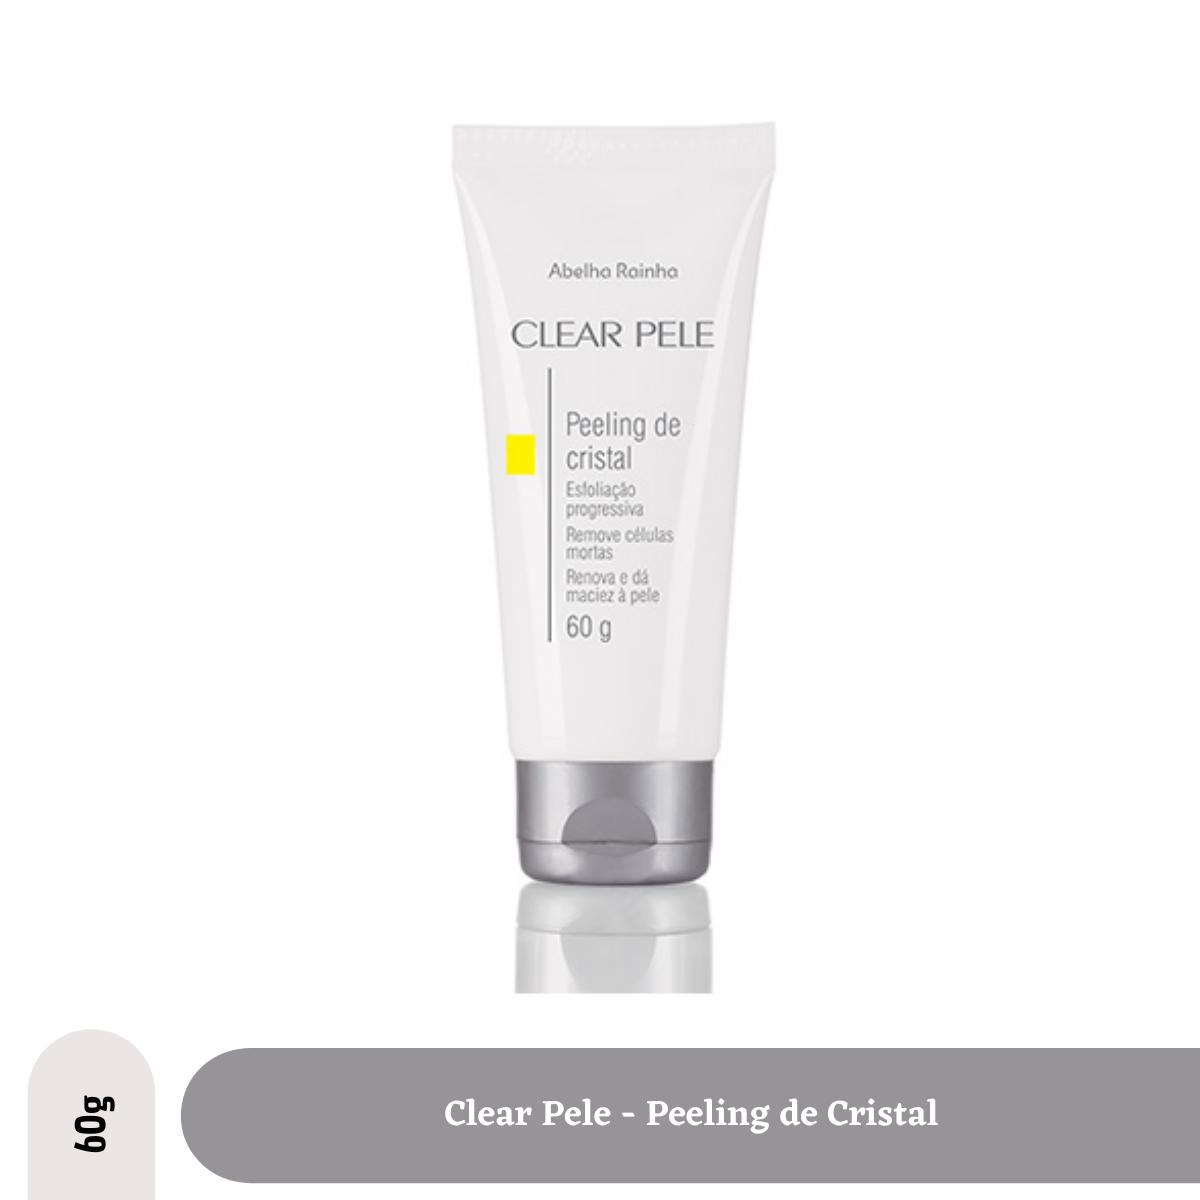 Clear Pele - Limpeza Face Peeling de Cristal 60g